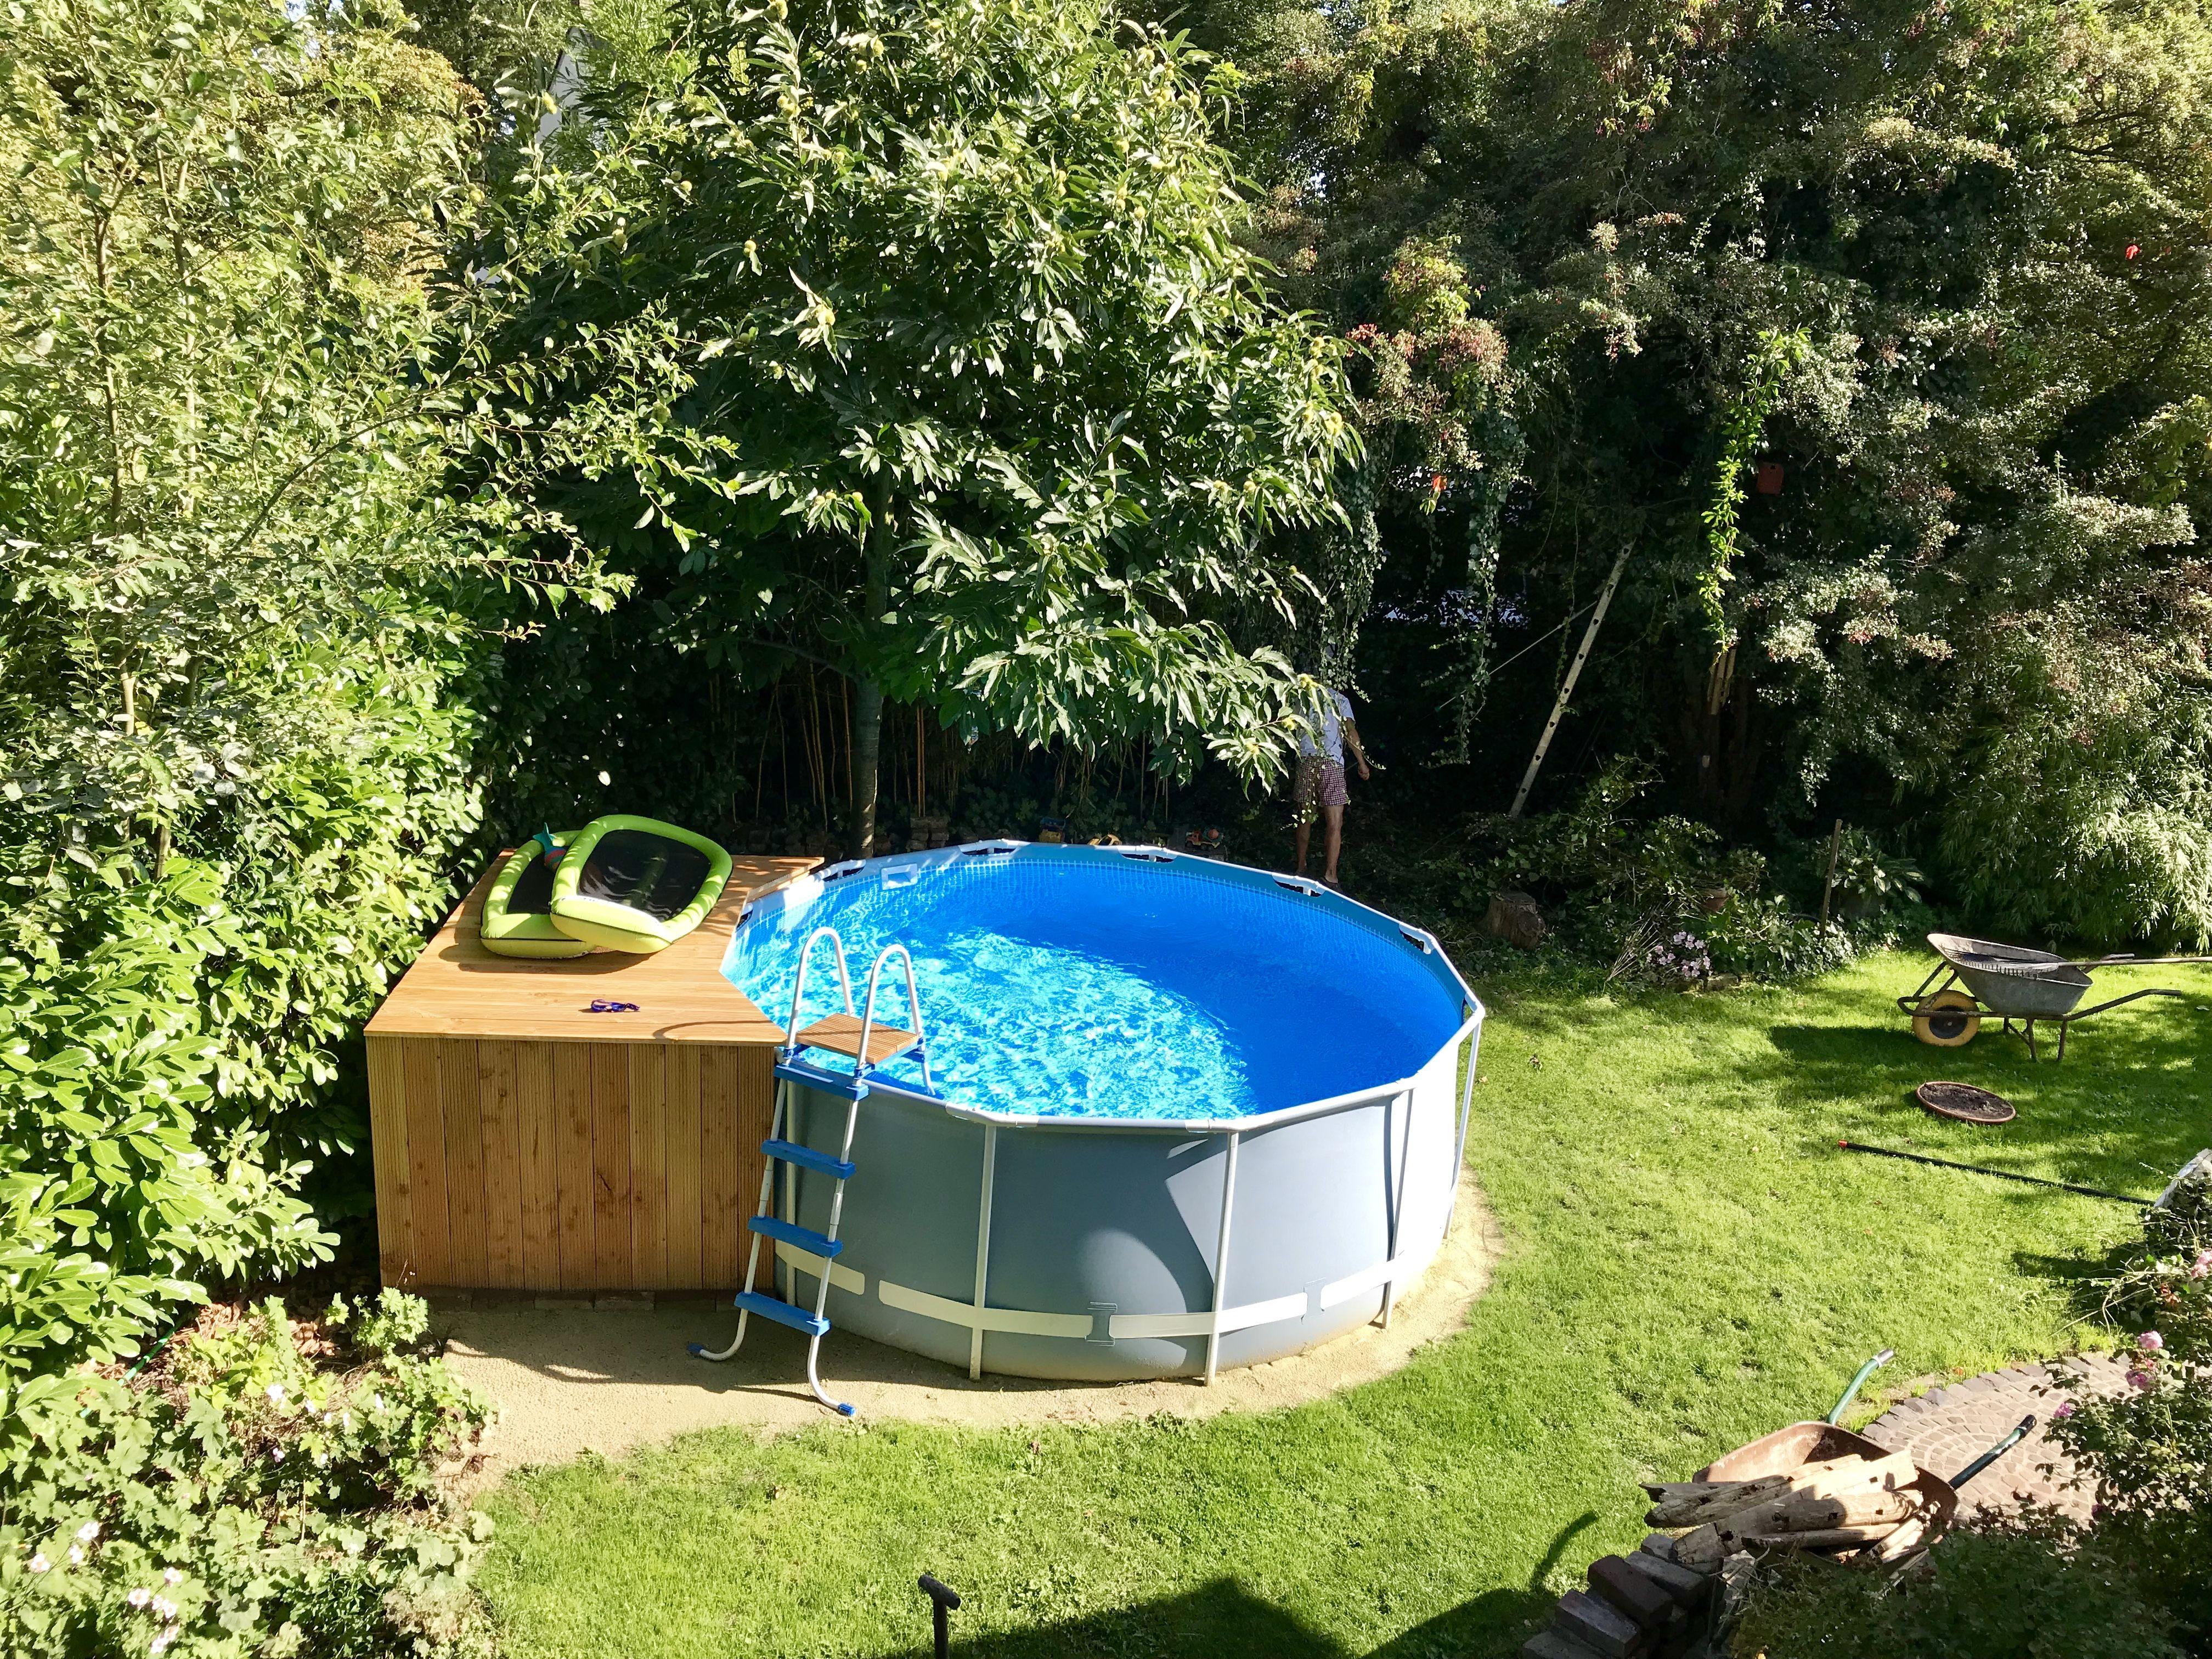 Pool Mit Holzpodest Selbstgebaut Aus Paletten Und Terrassendielen Sandfilter Uberdachung Podest Bauen Gartenpools Pool